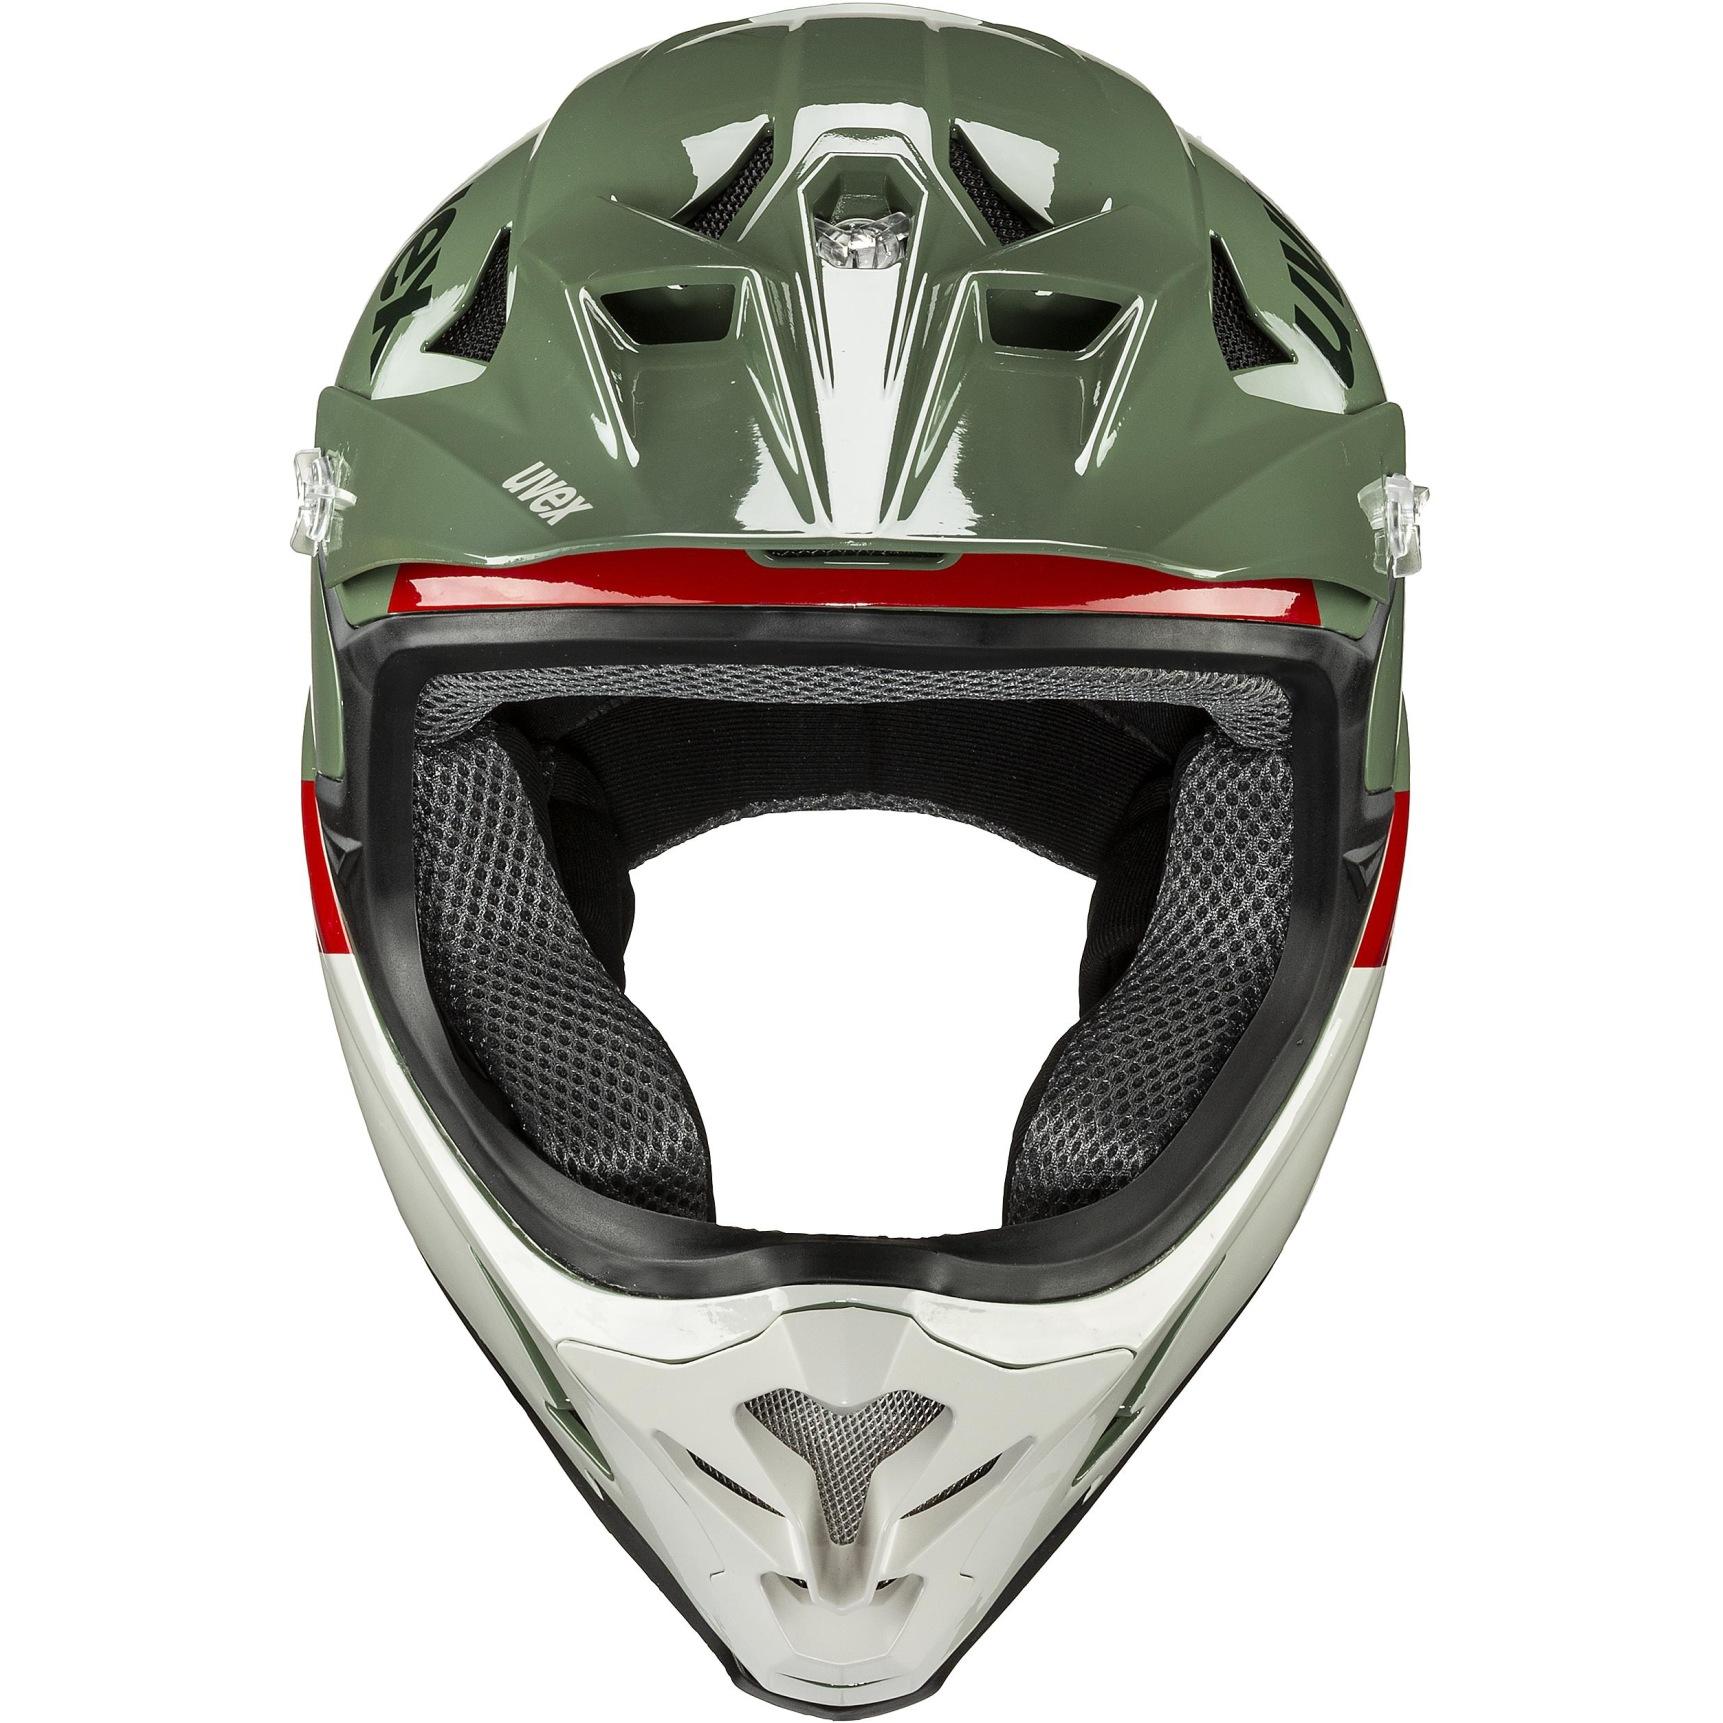 Image of Uvex hlmt 10 bike Helmet - moss green sand